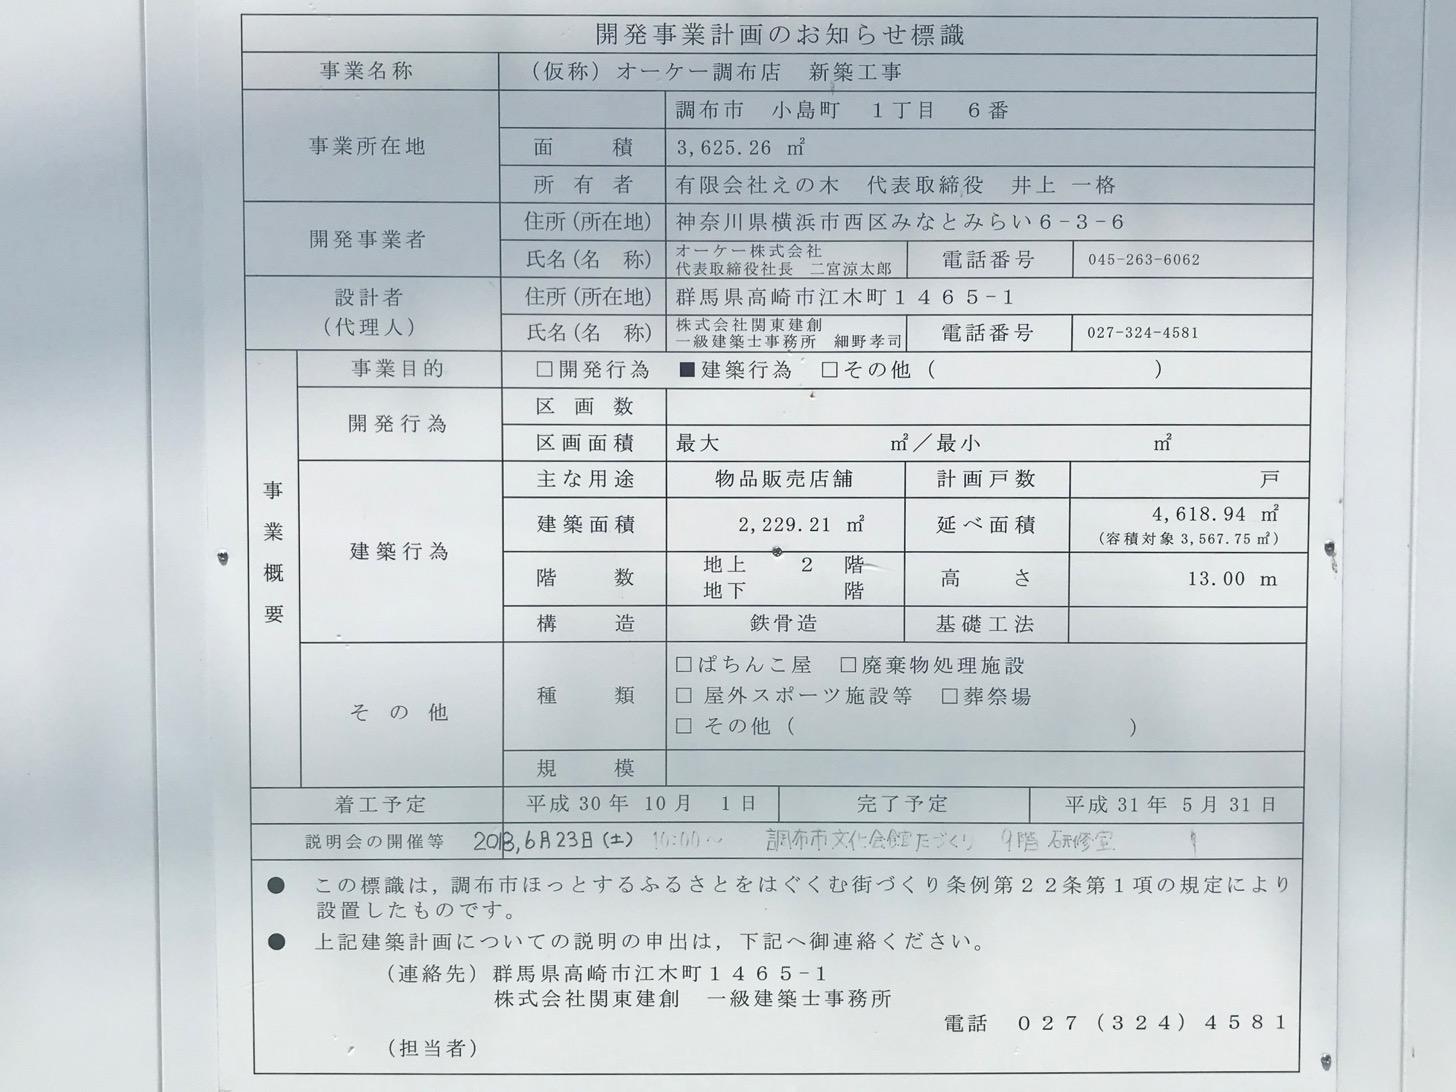 オーケー調布店(仮称)工事計画